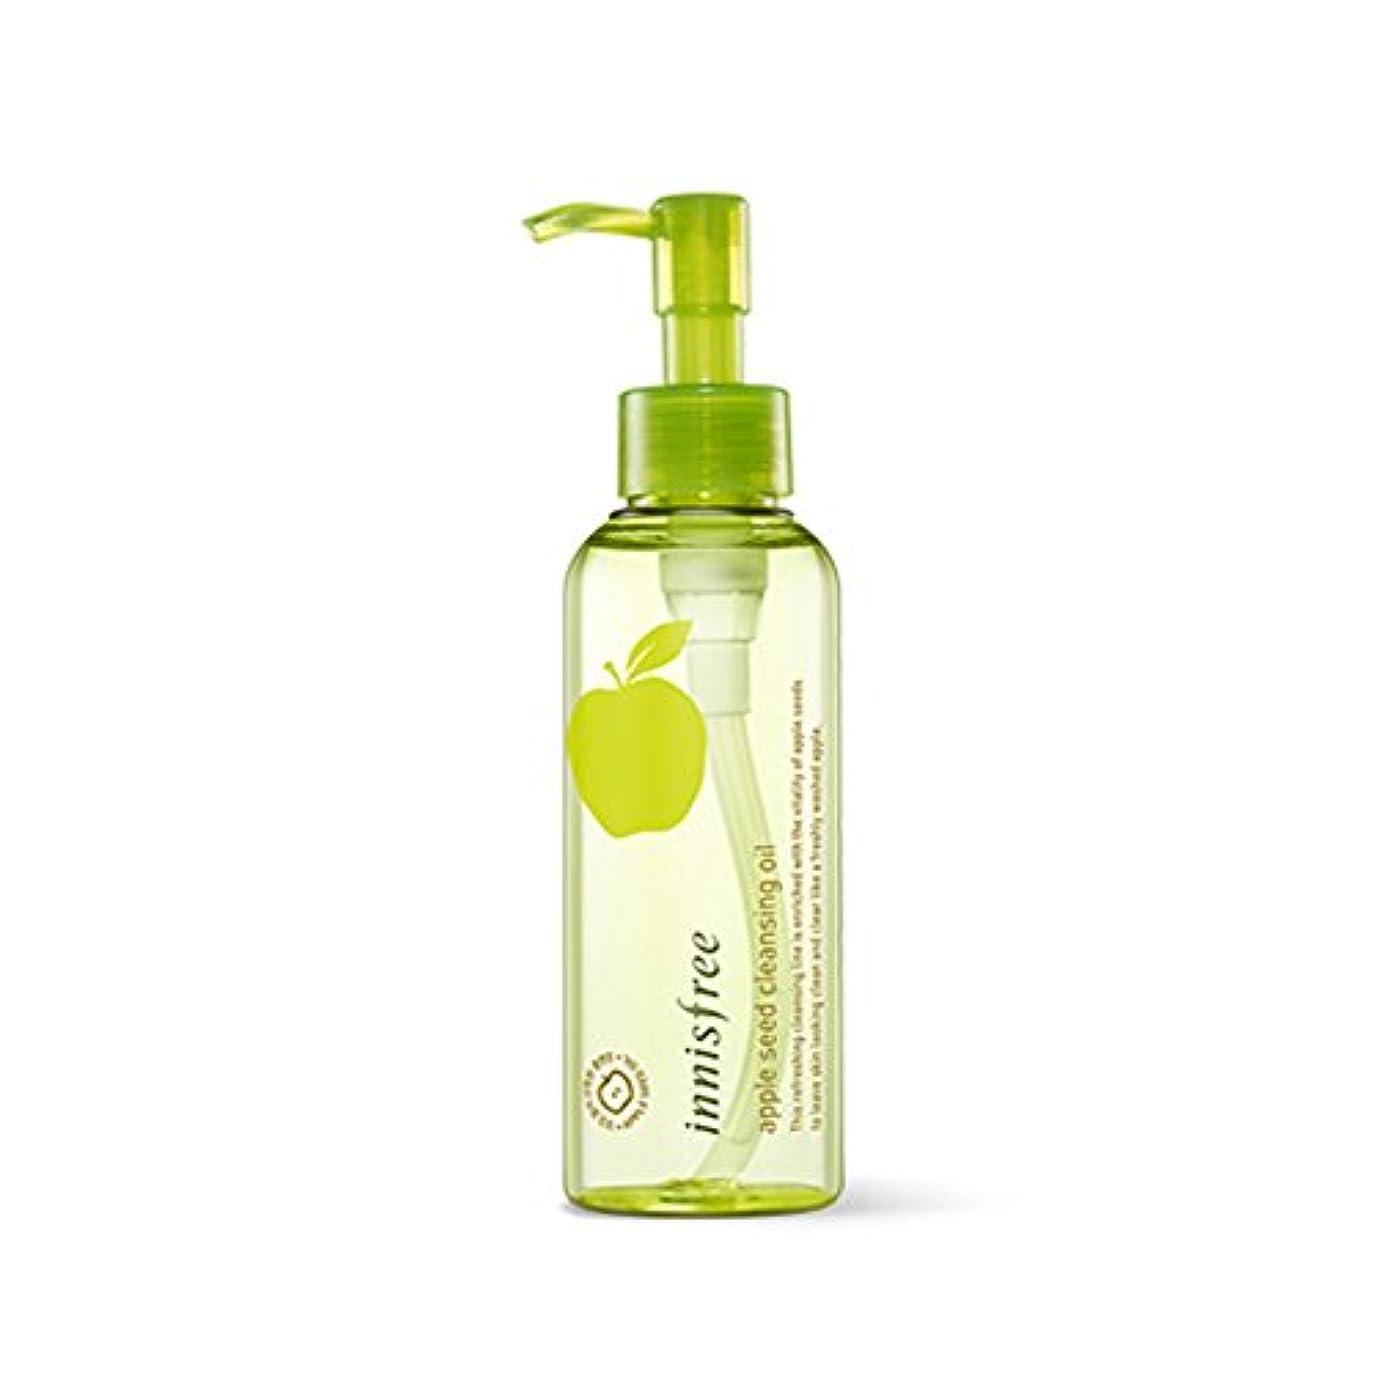 レプリカ剣掃除イニスフリーアップルシードクレンジングオイル150ml / Innisfree Apple Seed Cleansing Oil 150ml[海外直送品][並行輸入品]